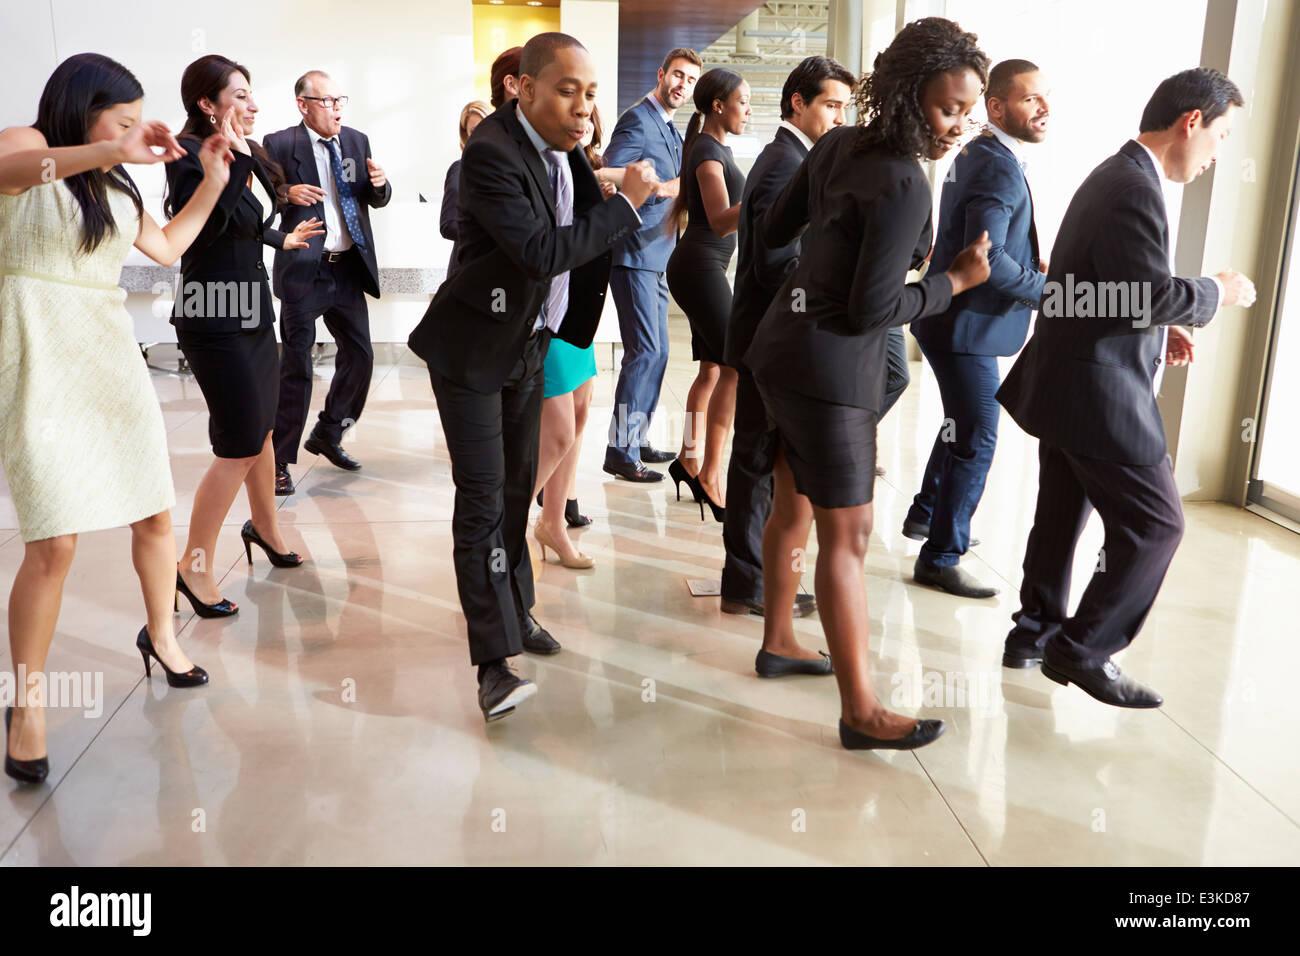 Empresarios y empresarias bailando en el vestíbulo de la oficina Imagen De Stock